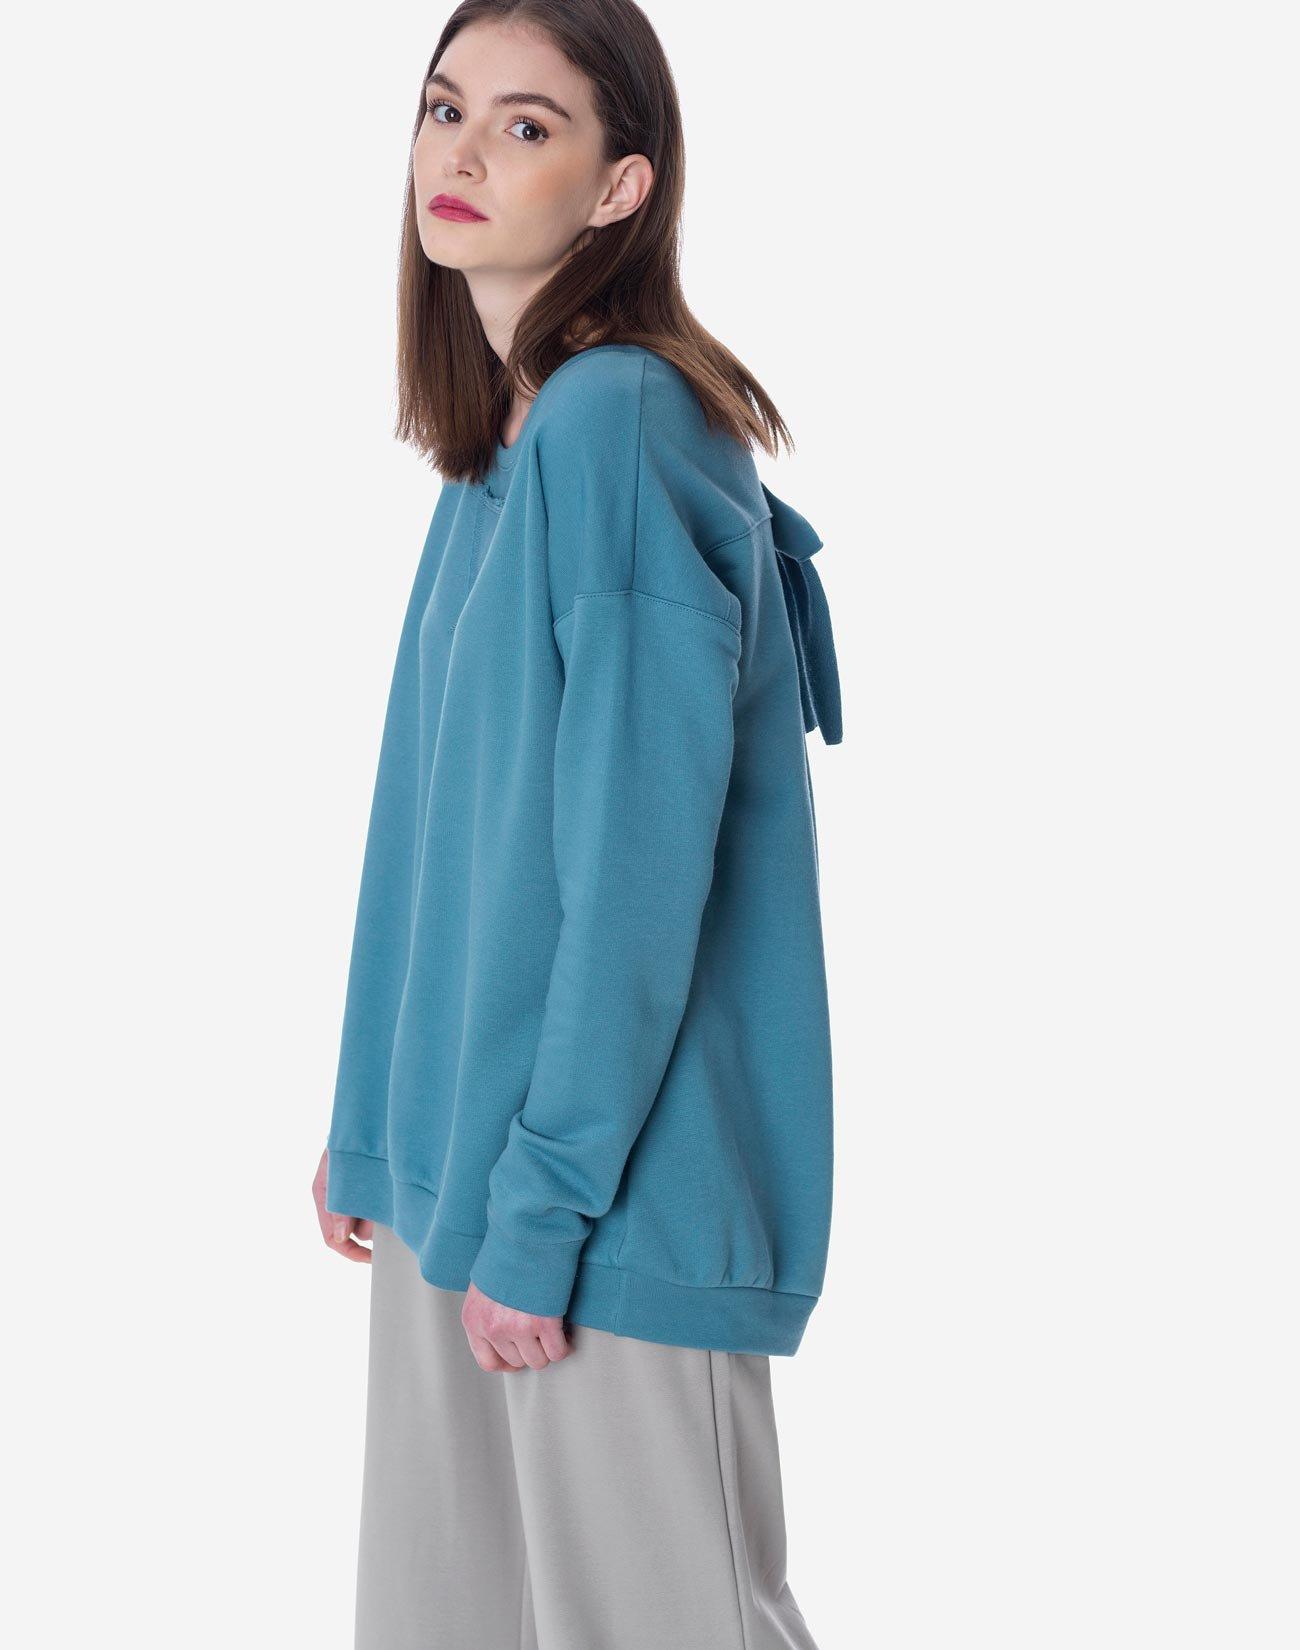 Μπλούζα φούτερ με φιόγκο